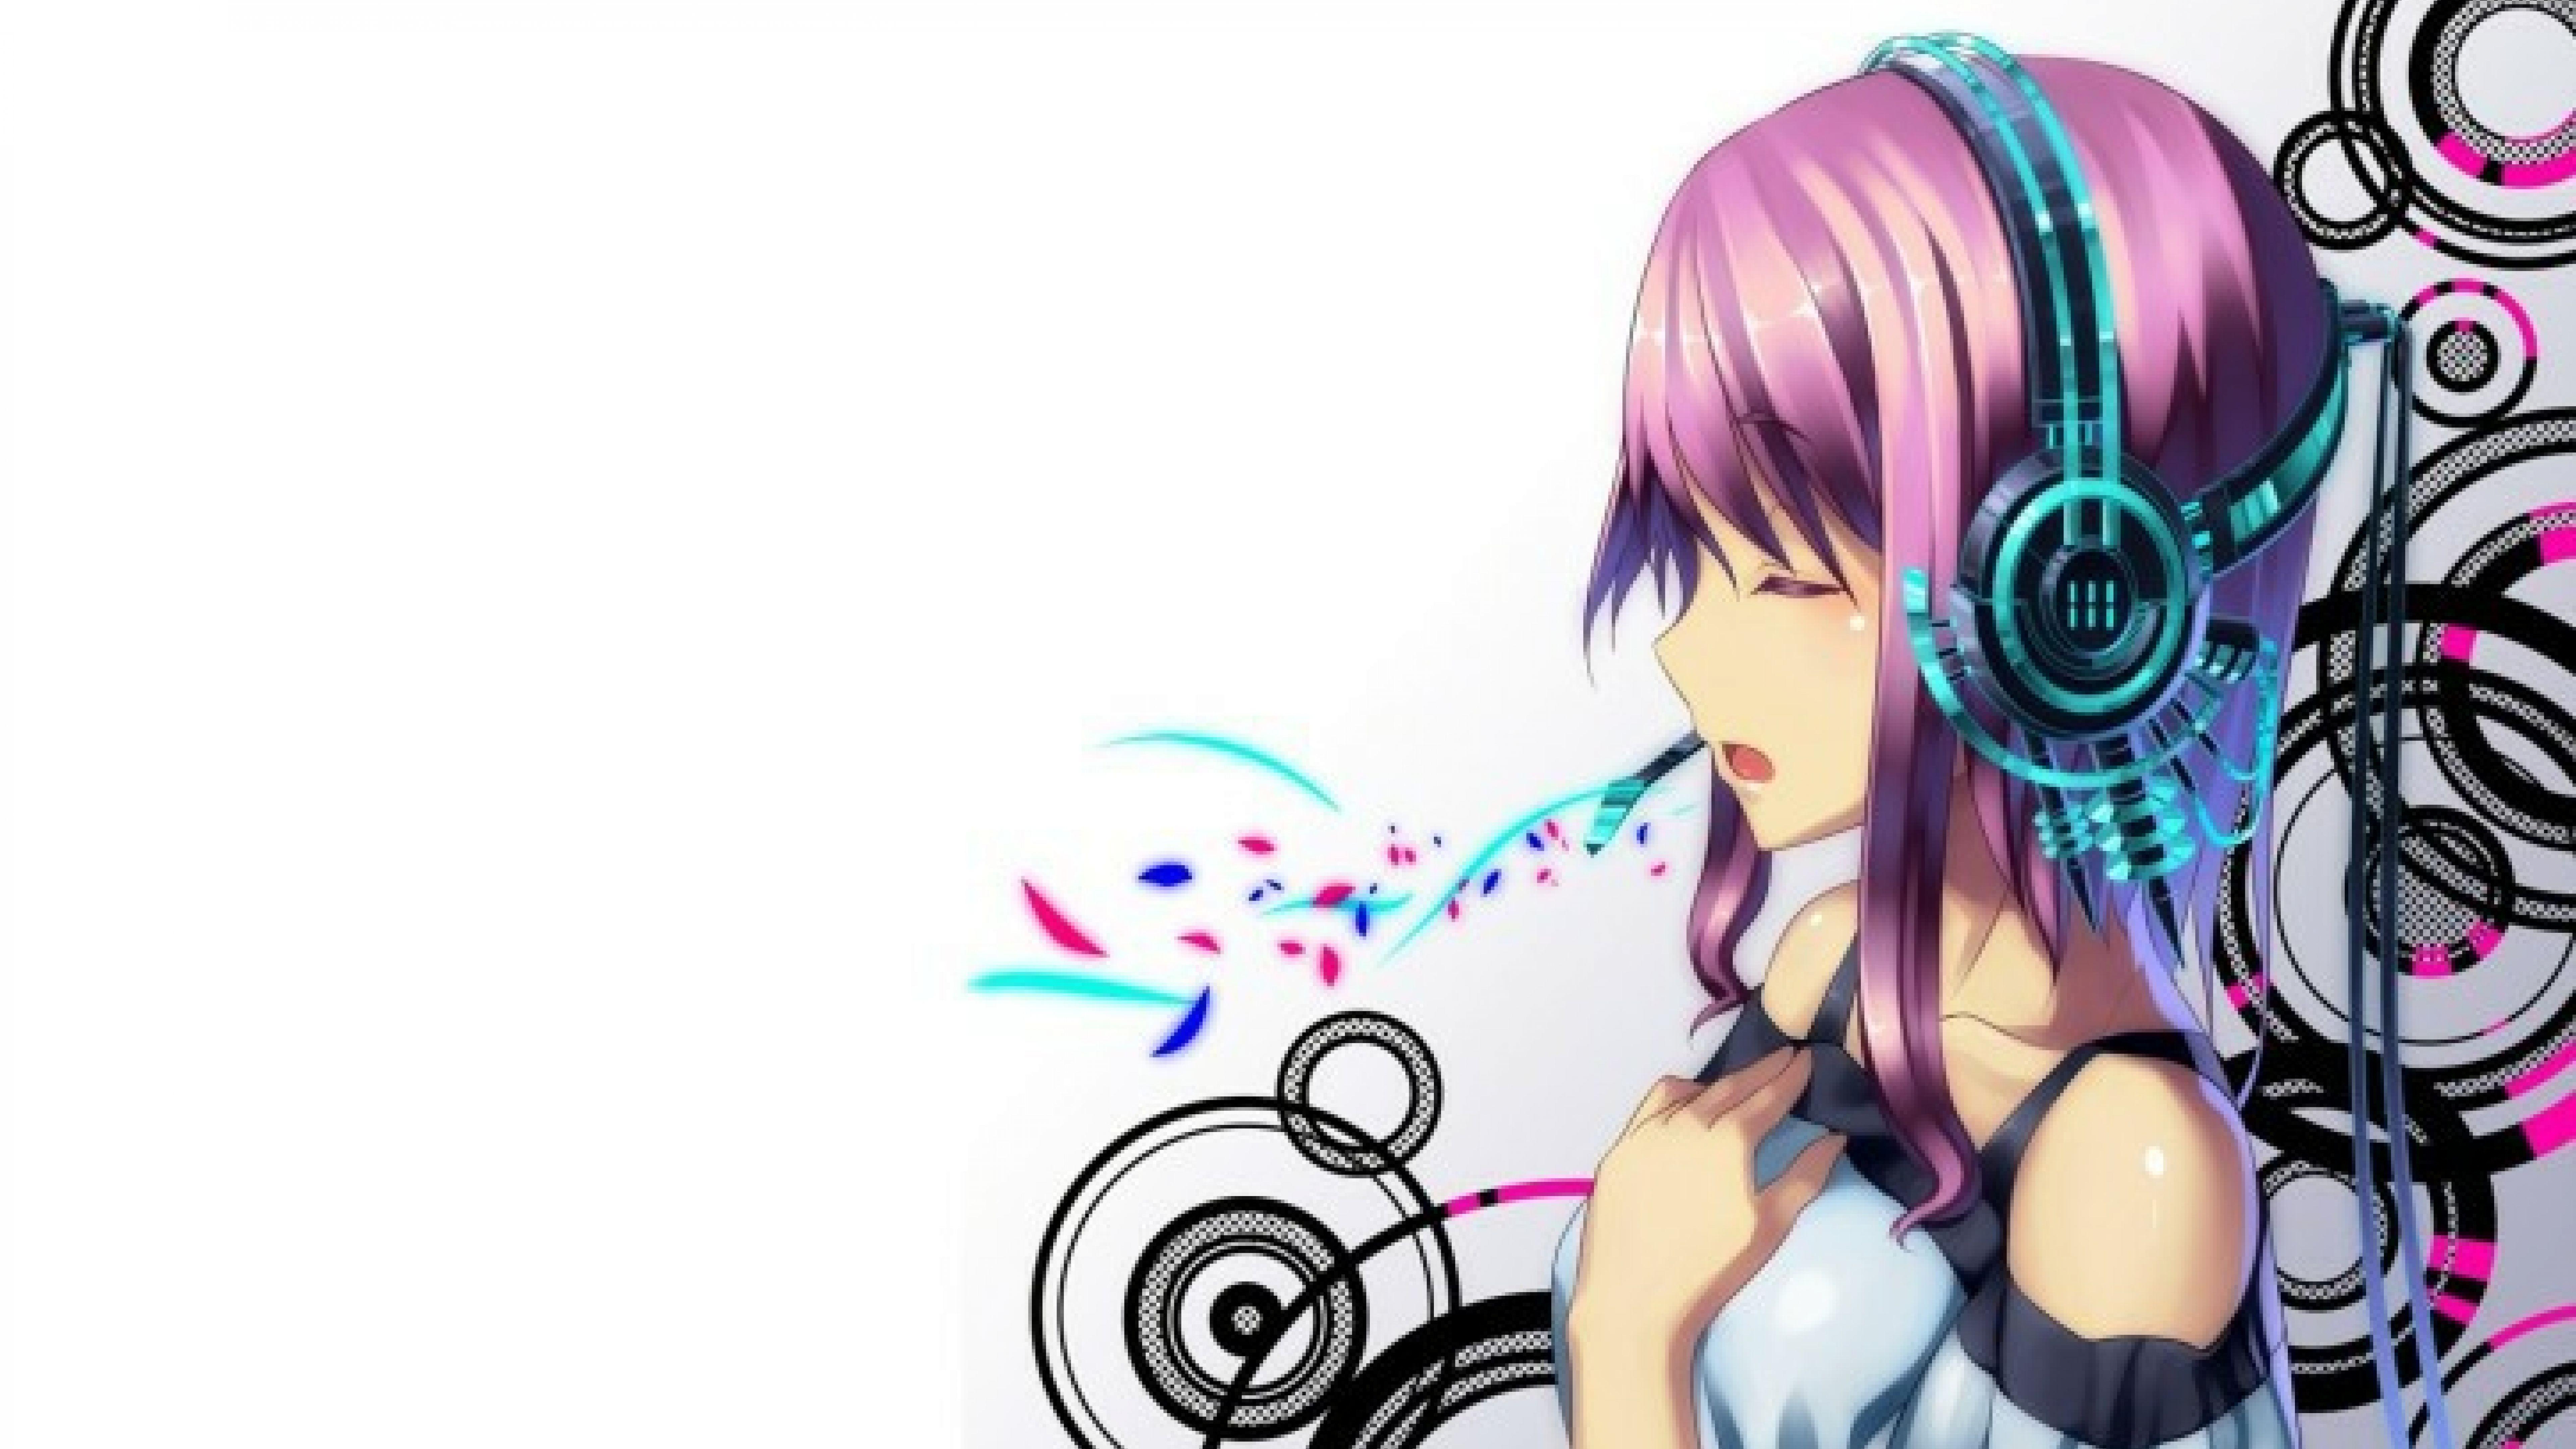 3d Wallpaper Anime Music gambar ke 8